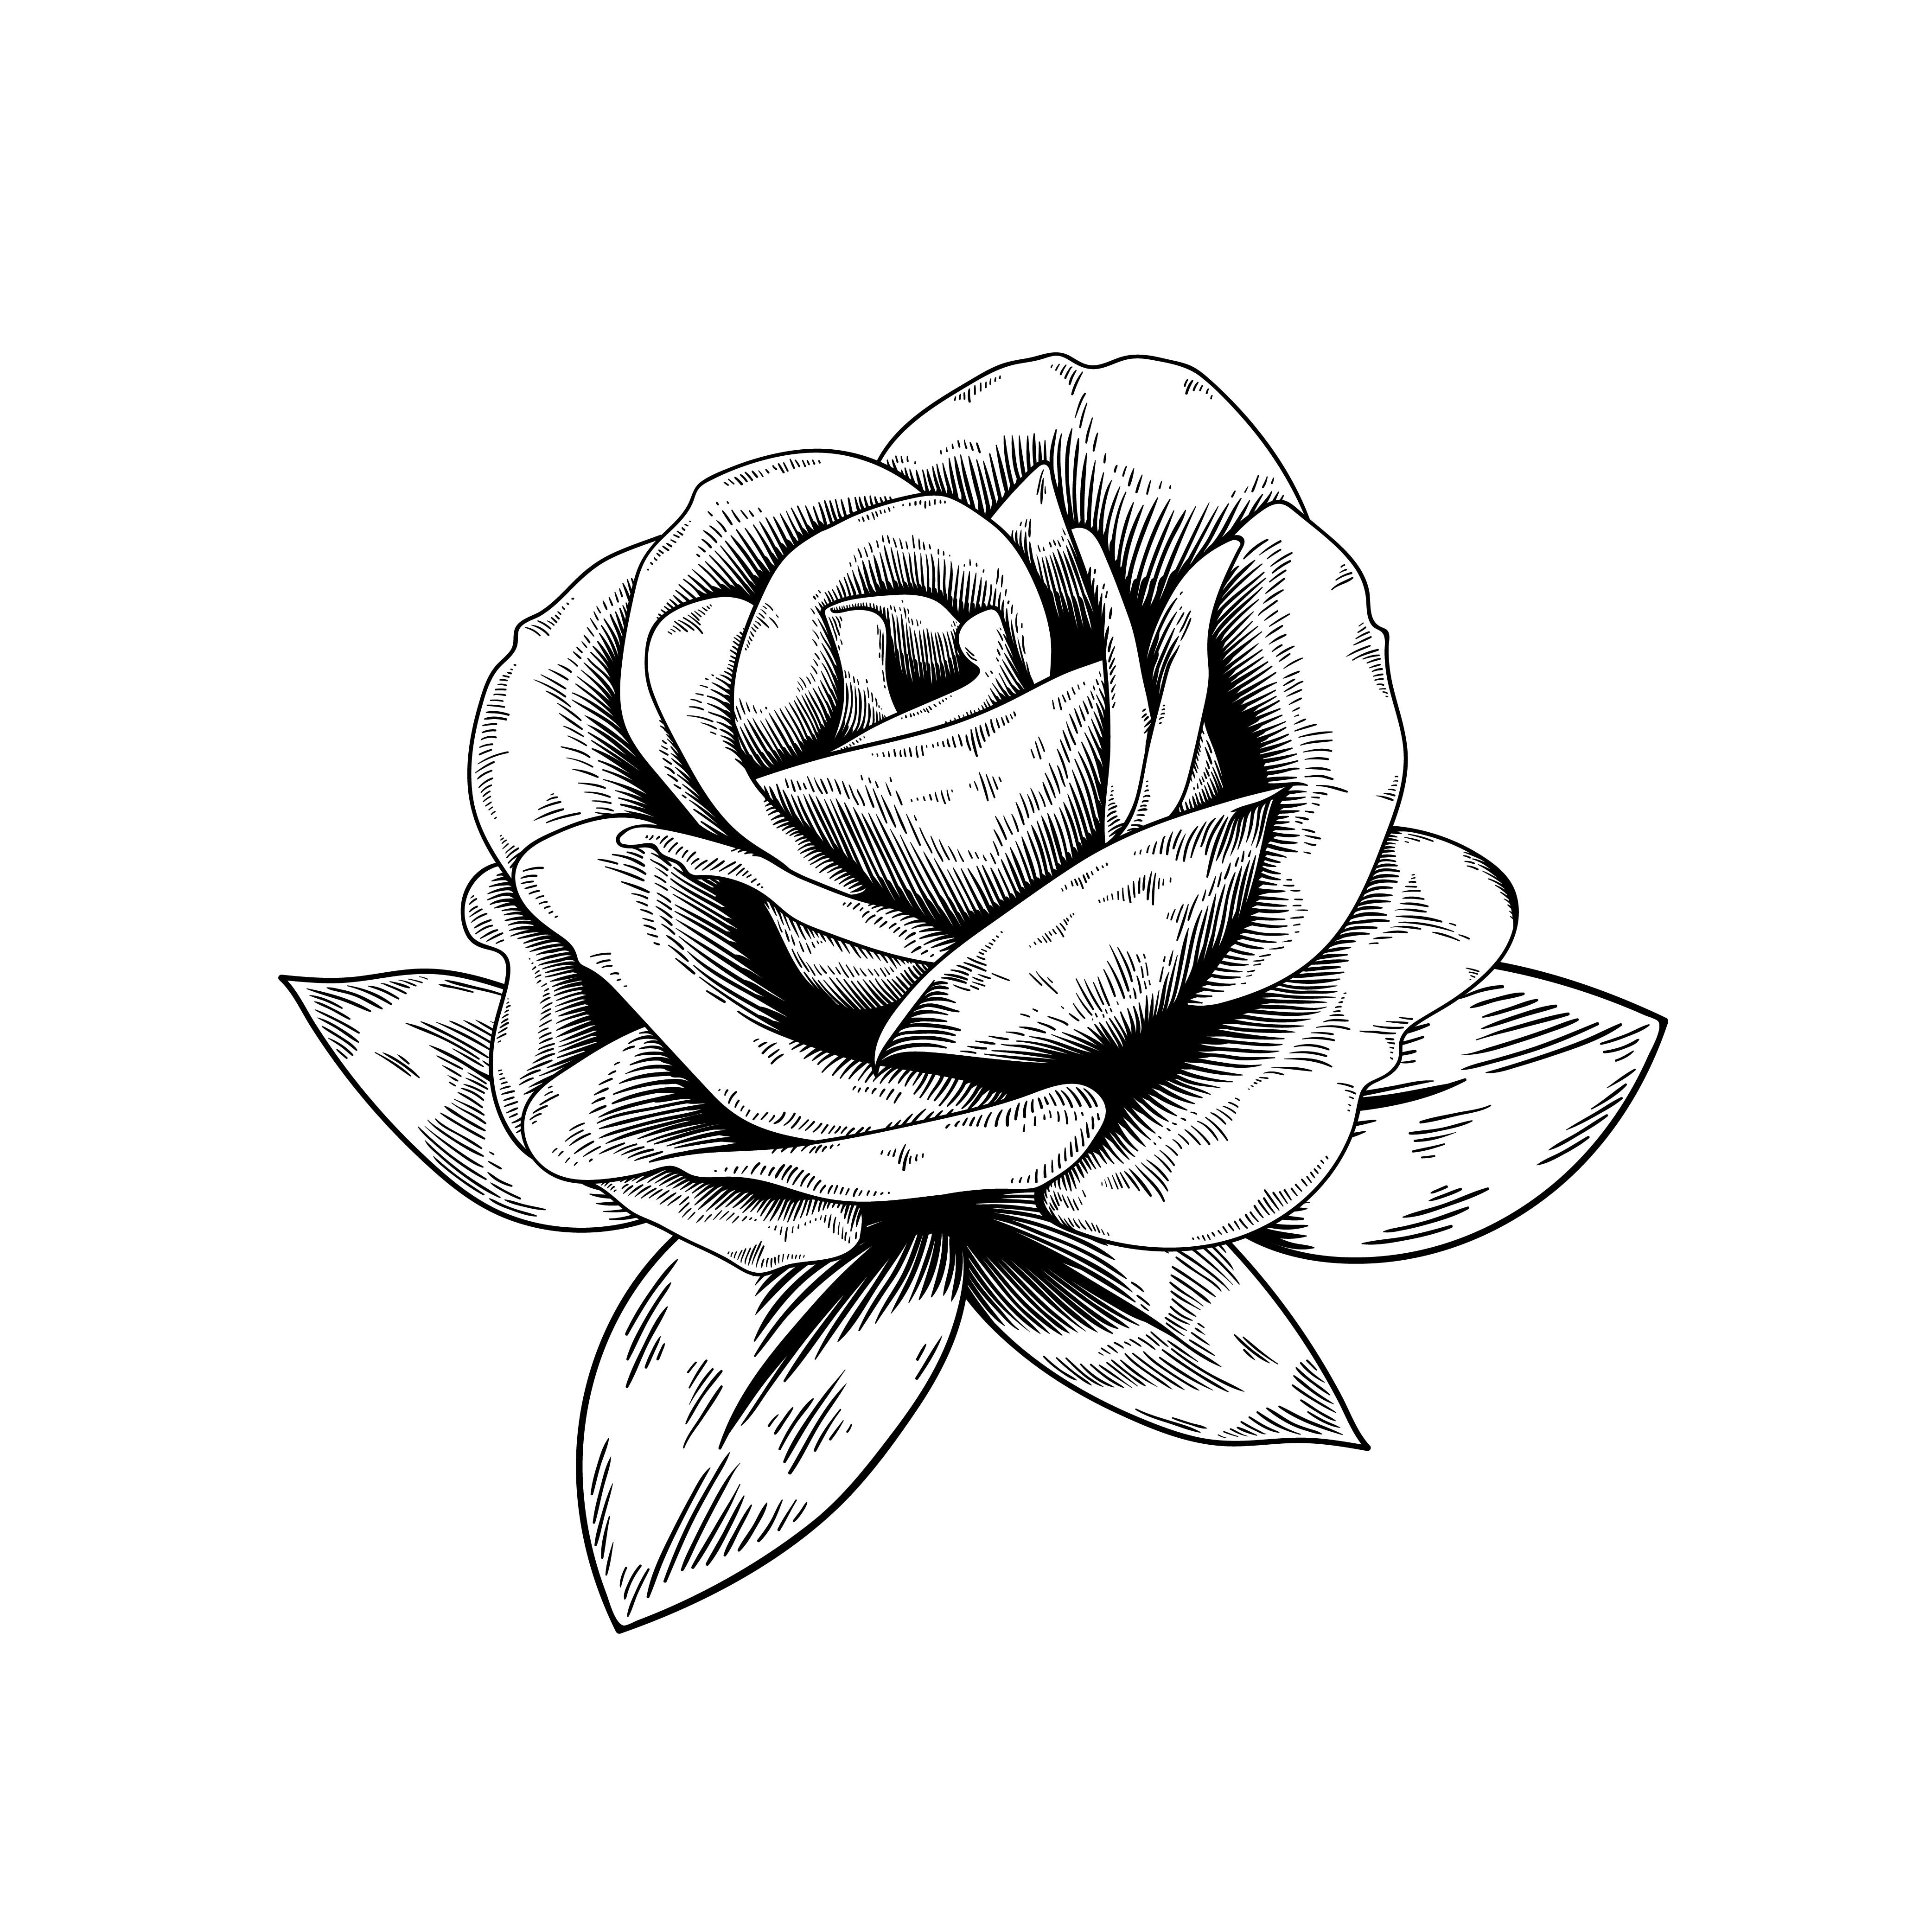 玫瑰花圖 免費下載 | 天天瘋後製